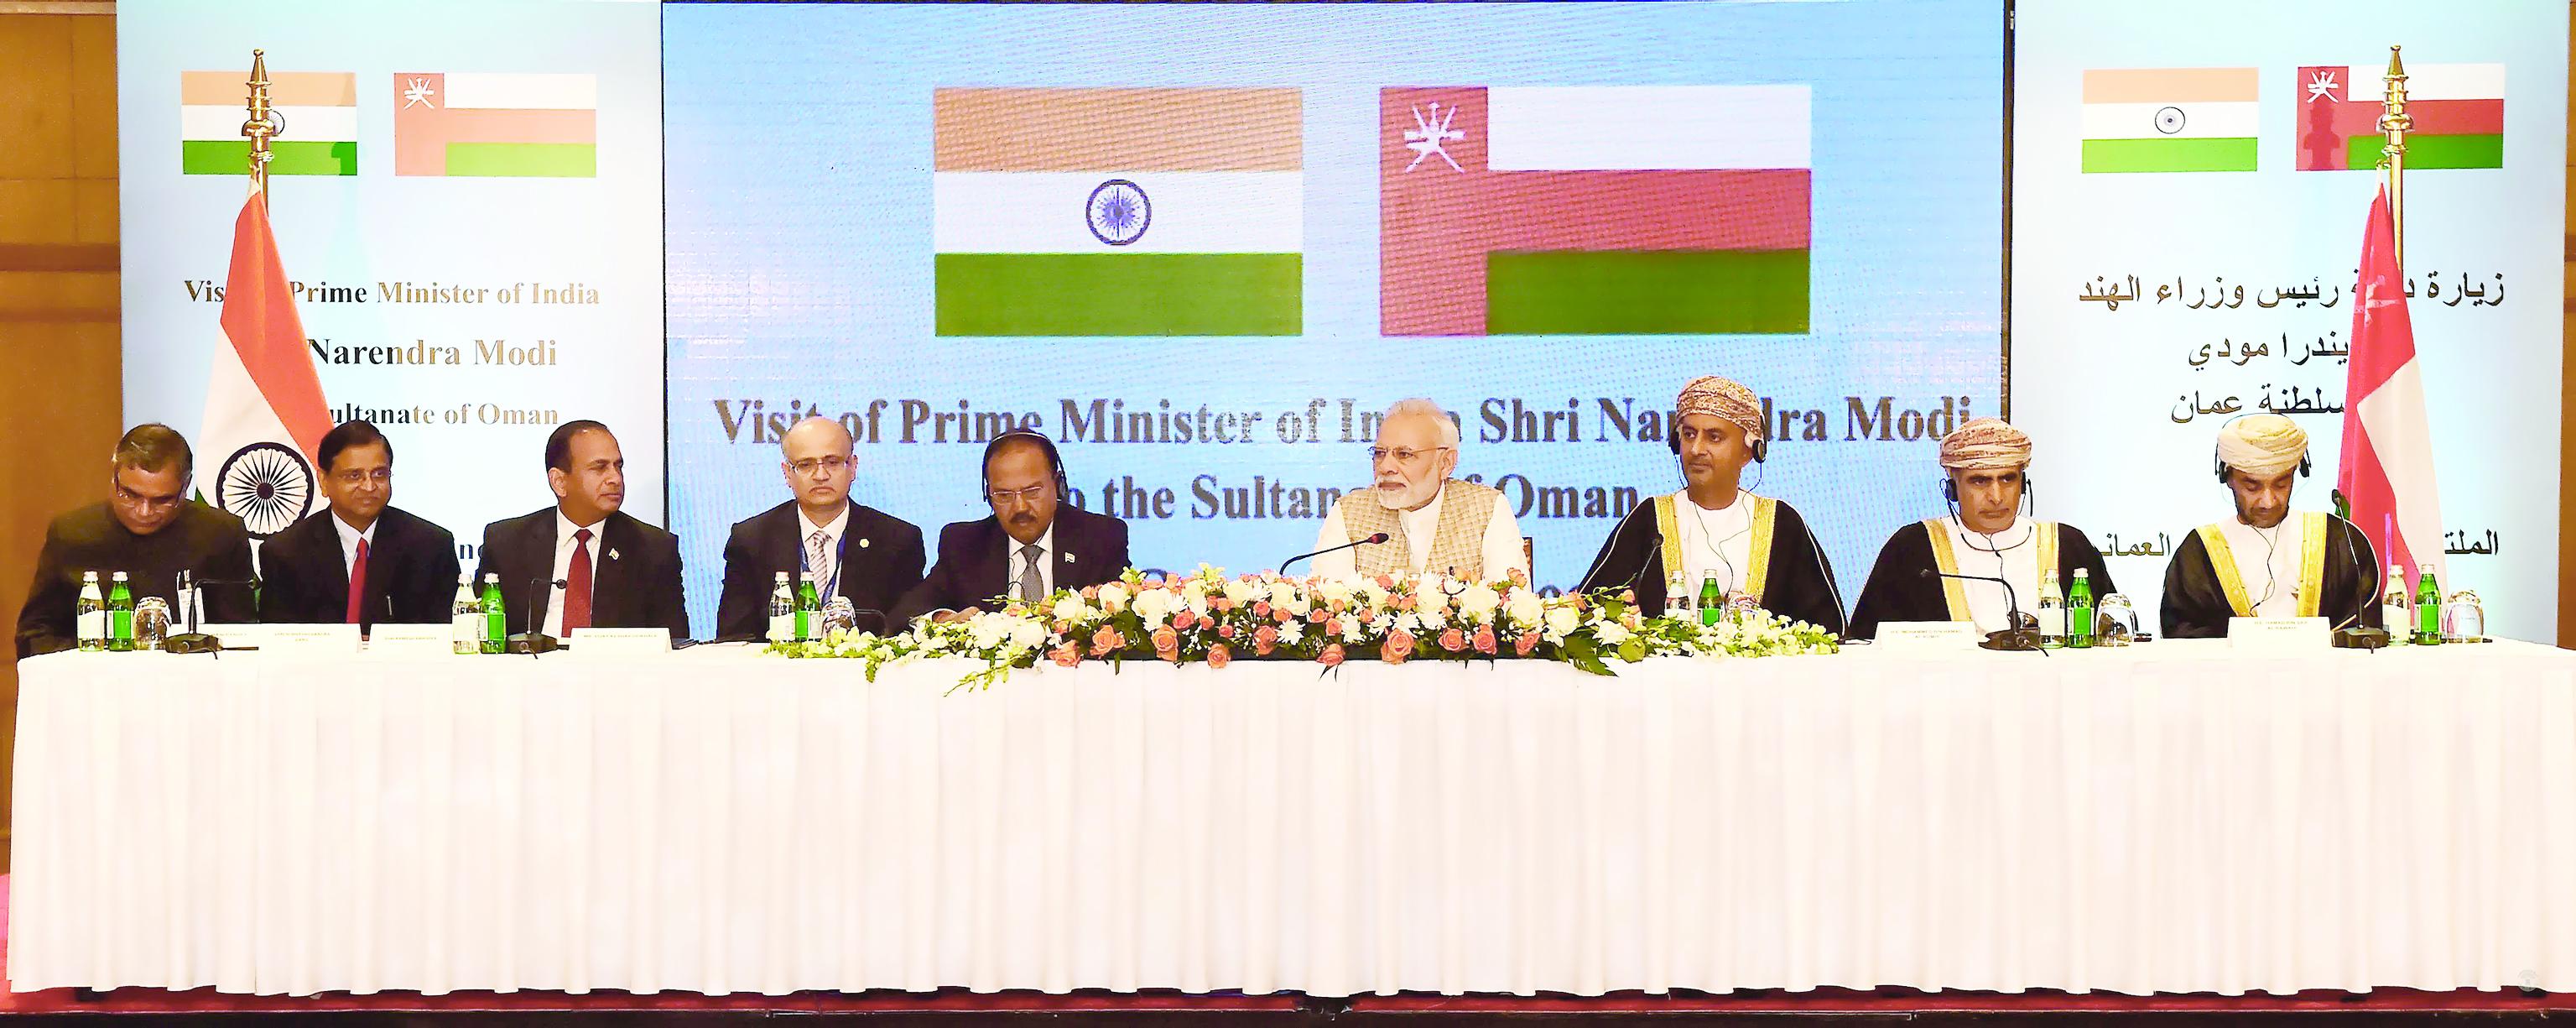 في لقاء ضم رئيس الوزراء الهندي ووزير التجارة والصناعةرجال الأعمال يبحثون الاستثمار في السلطنة والهند